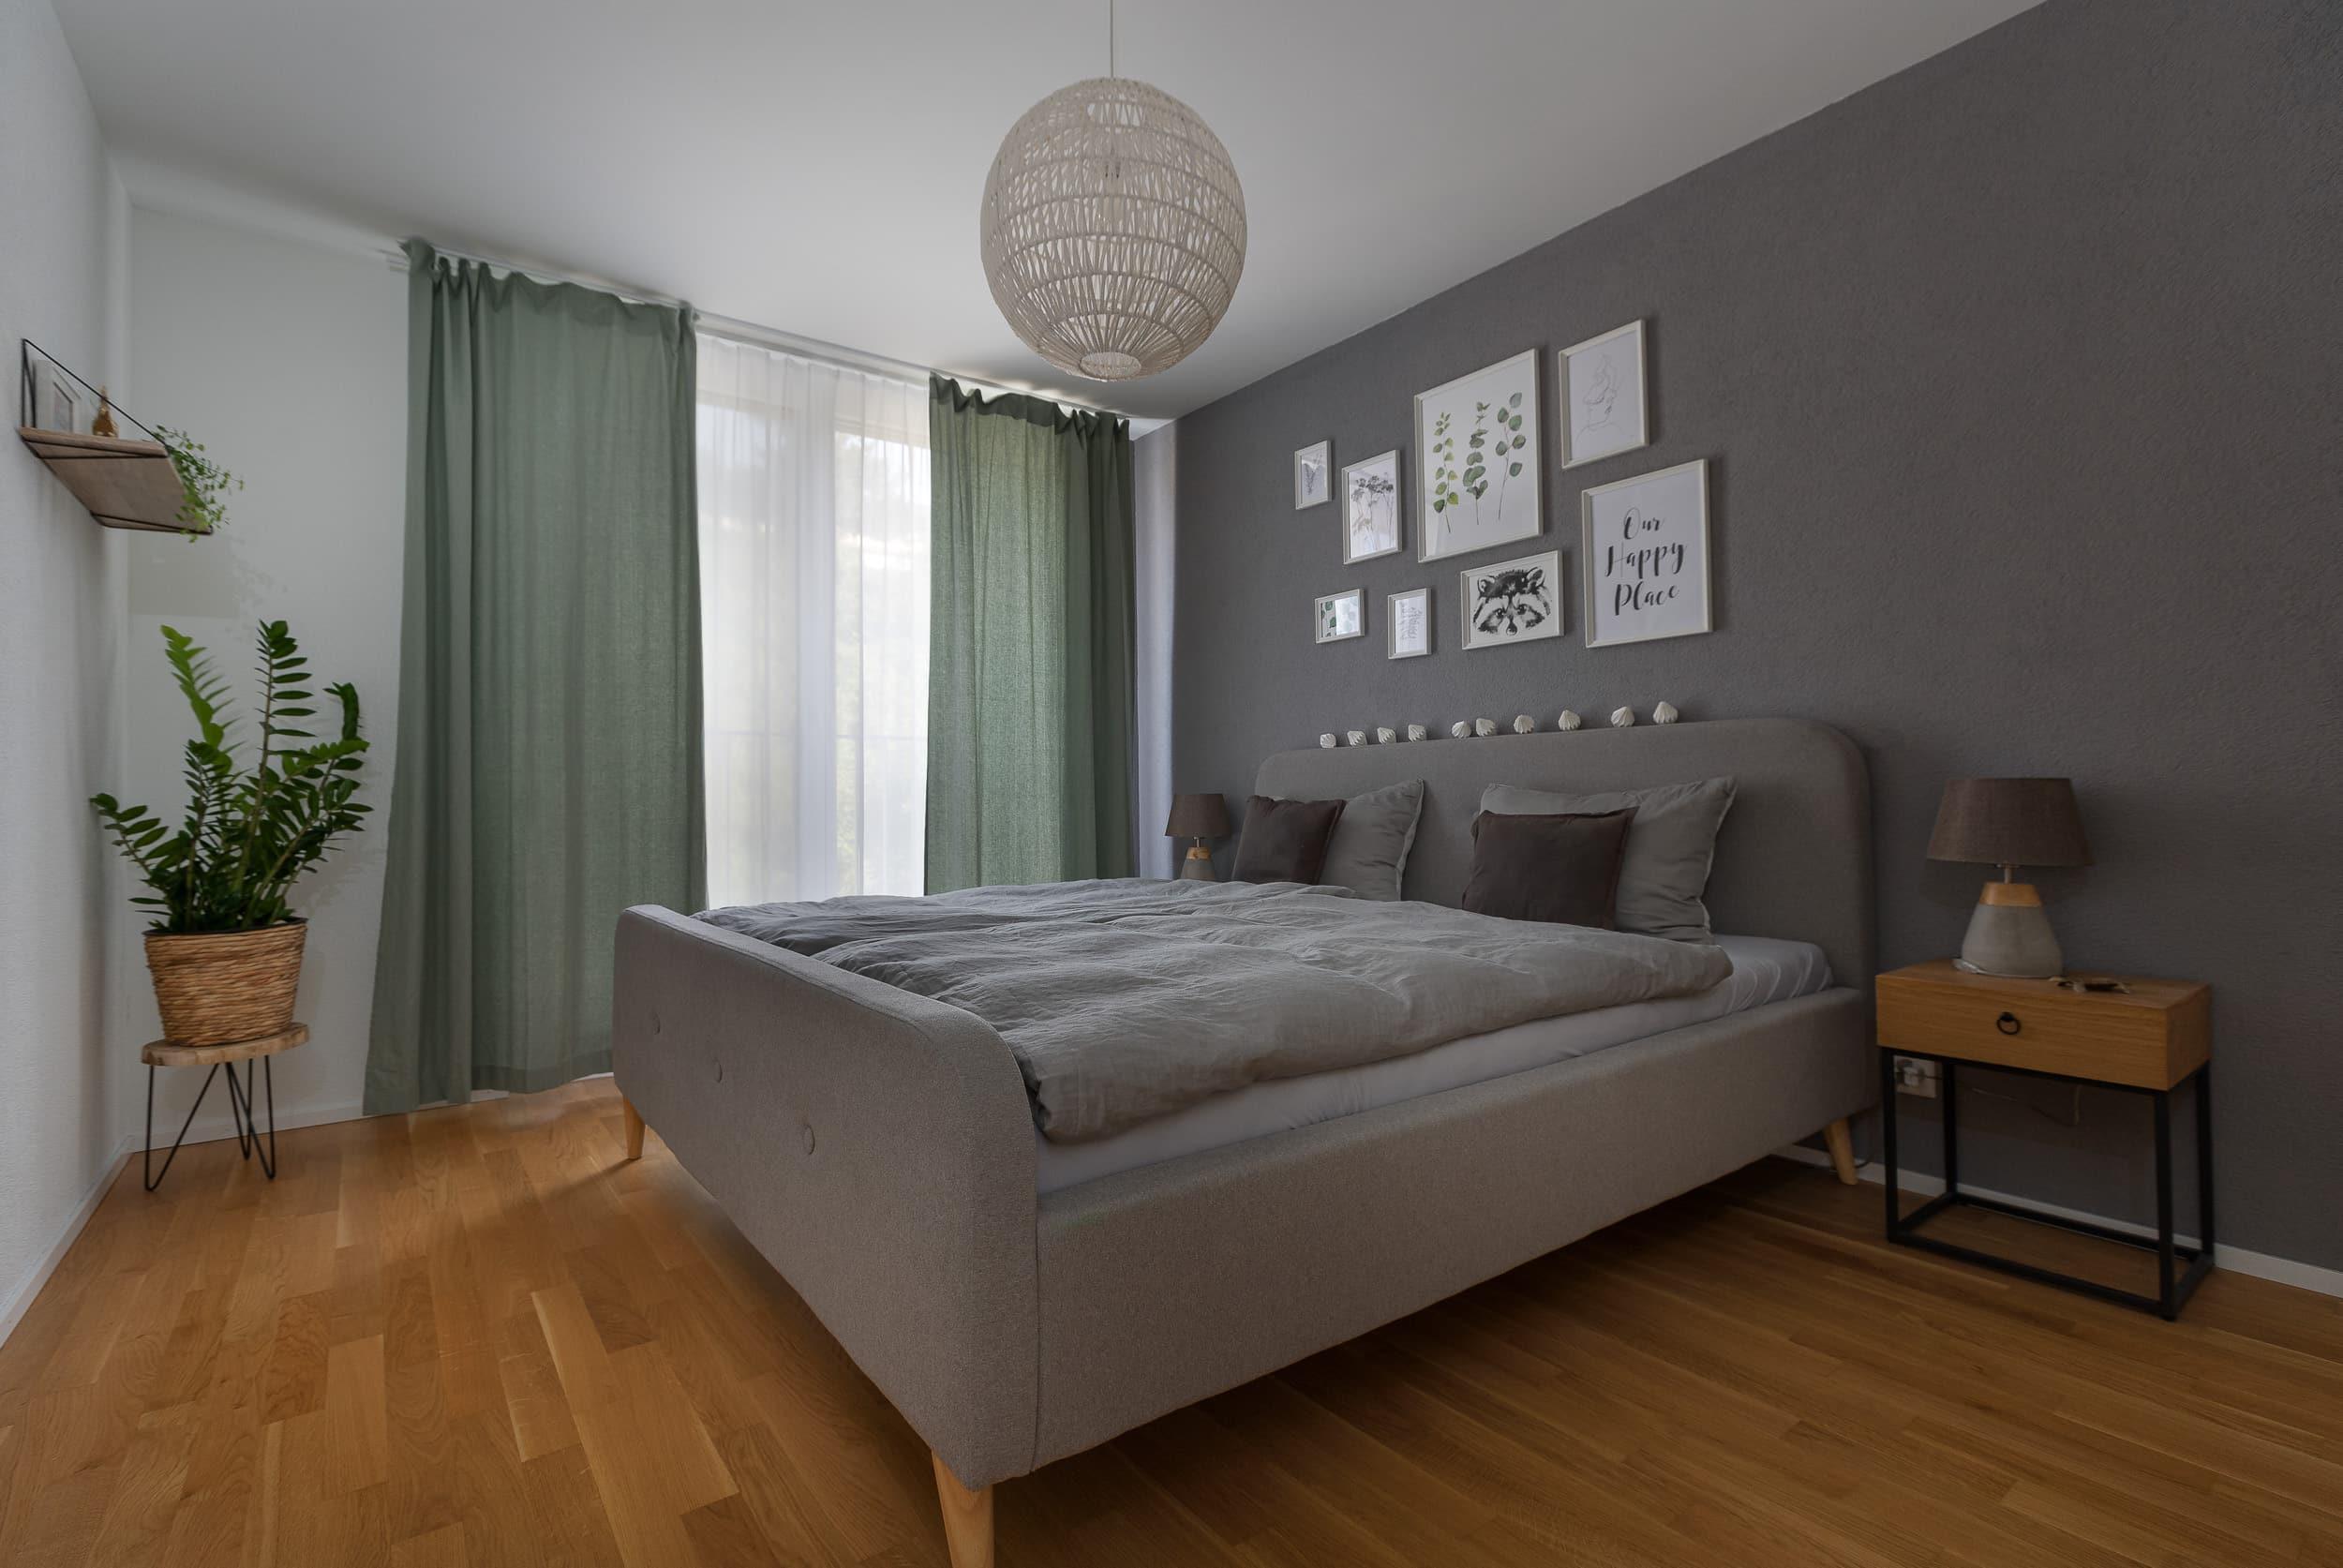 Neubauwohnung Sommerrain Ostermundigen - Schlafzimmer